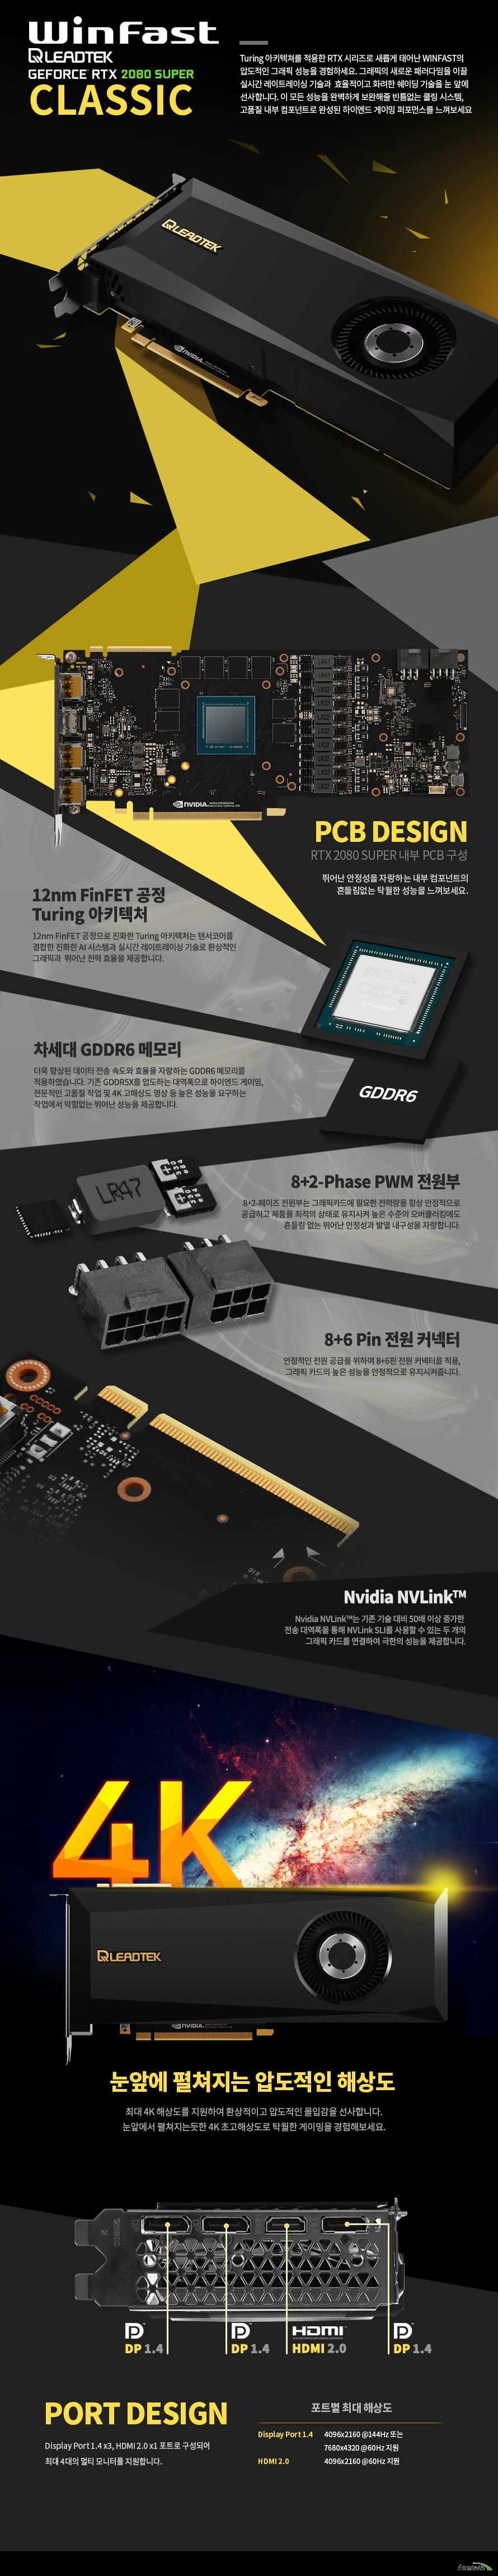 리드텍 WinFast 지포스 RTX 2080 SUPER CLASSIC D6 8GB